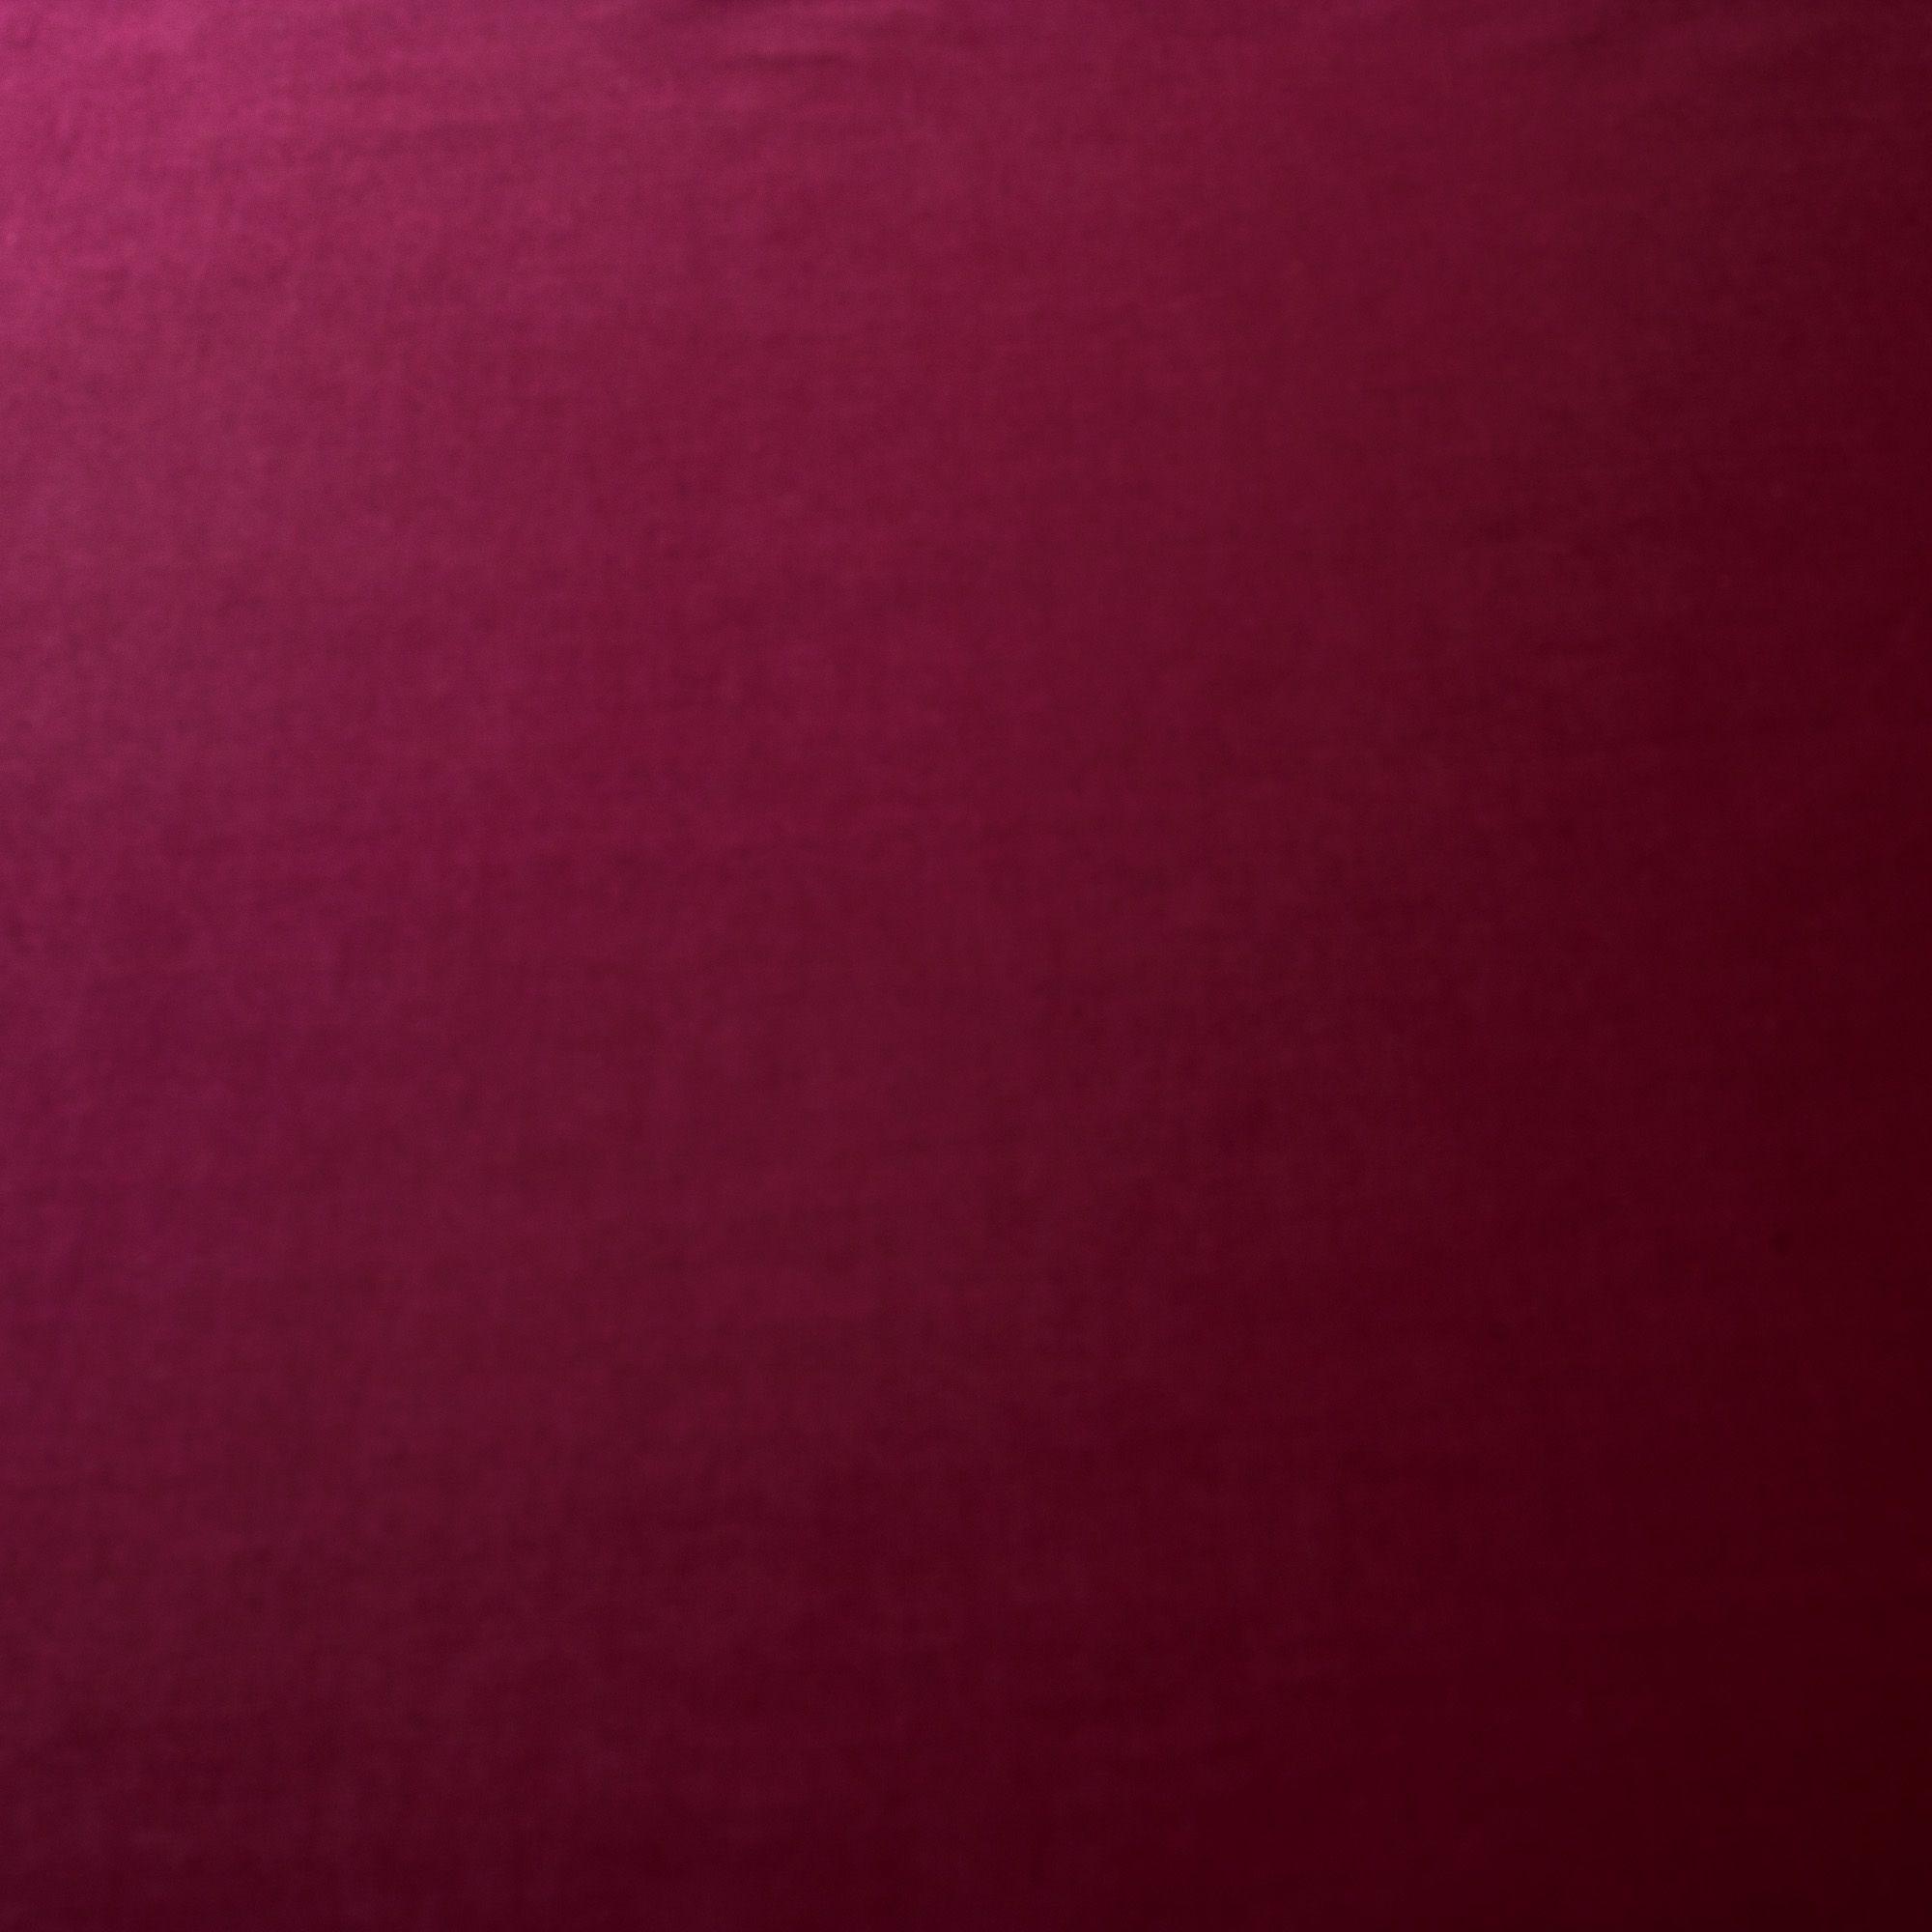 Tecido Tricoline Vinho 65% Algodão 35% Poliester 1,40 Mt Largura